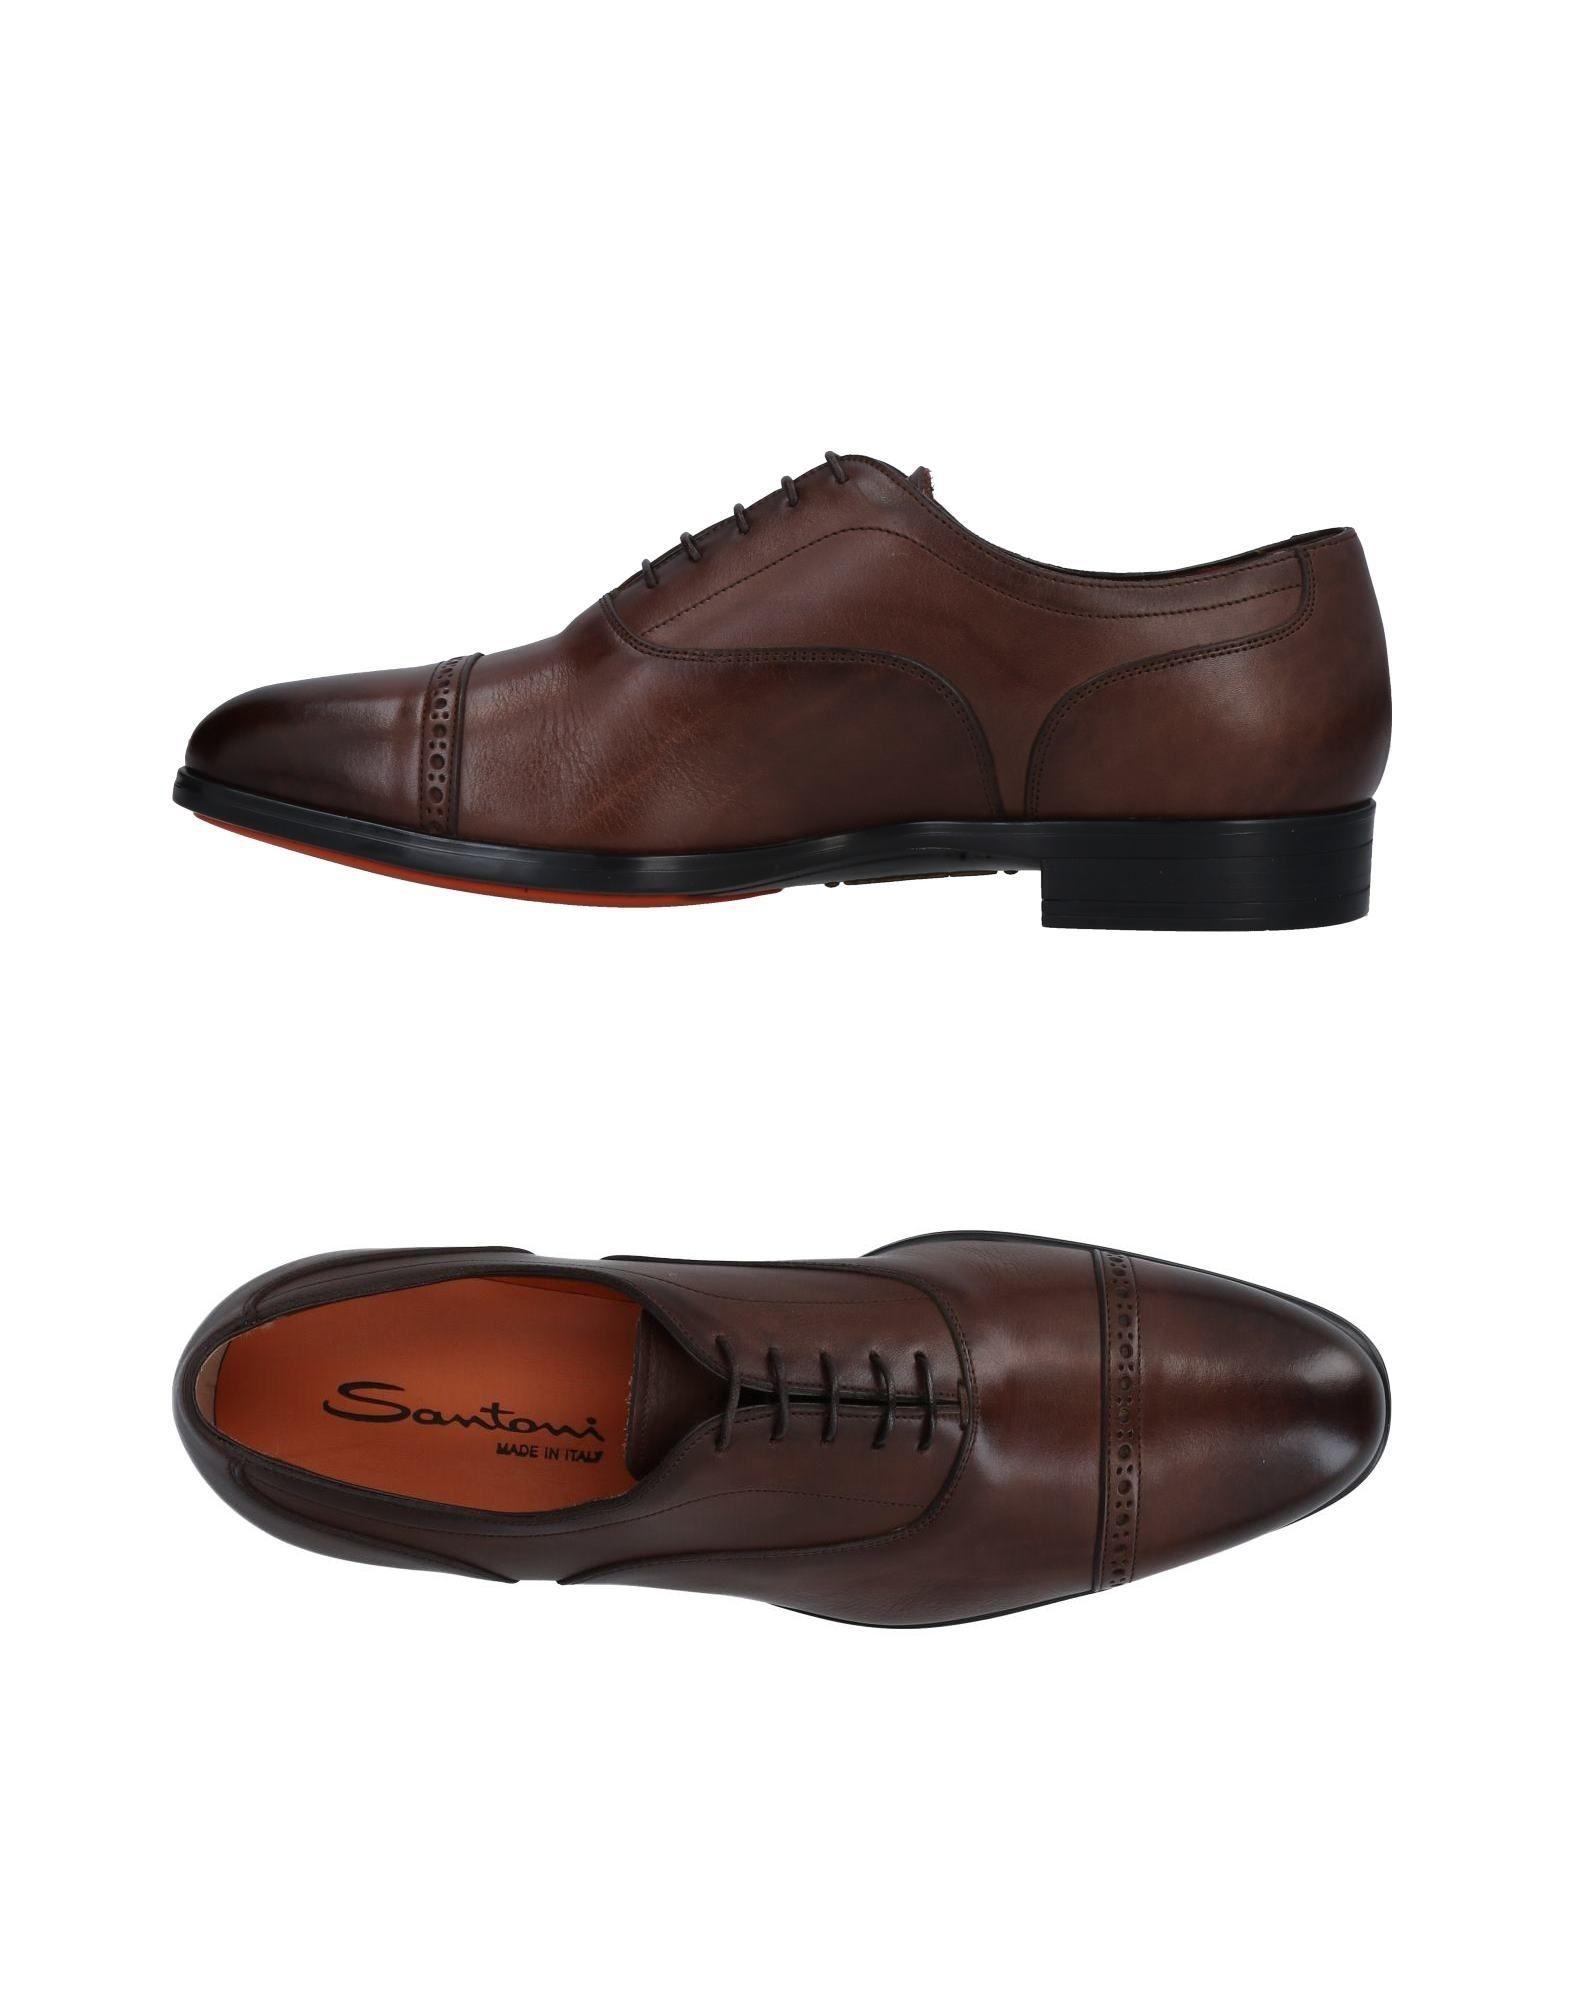 Santoni Schnürschuhe Herren  11482092GS Gute Qualität beliebte Schuhe